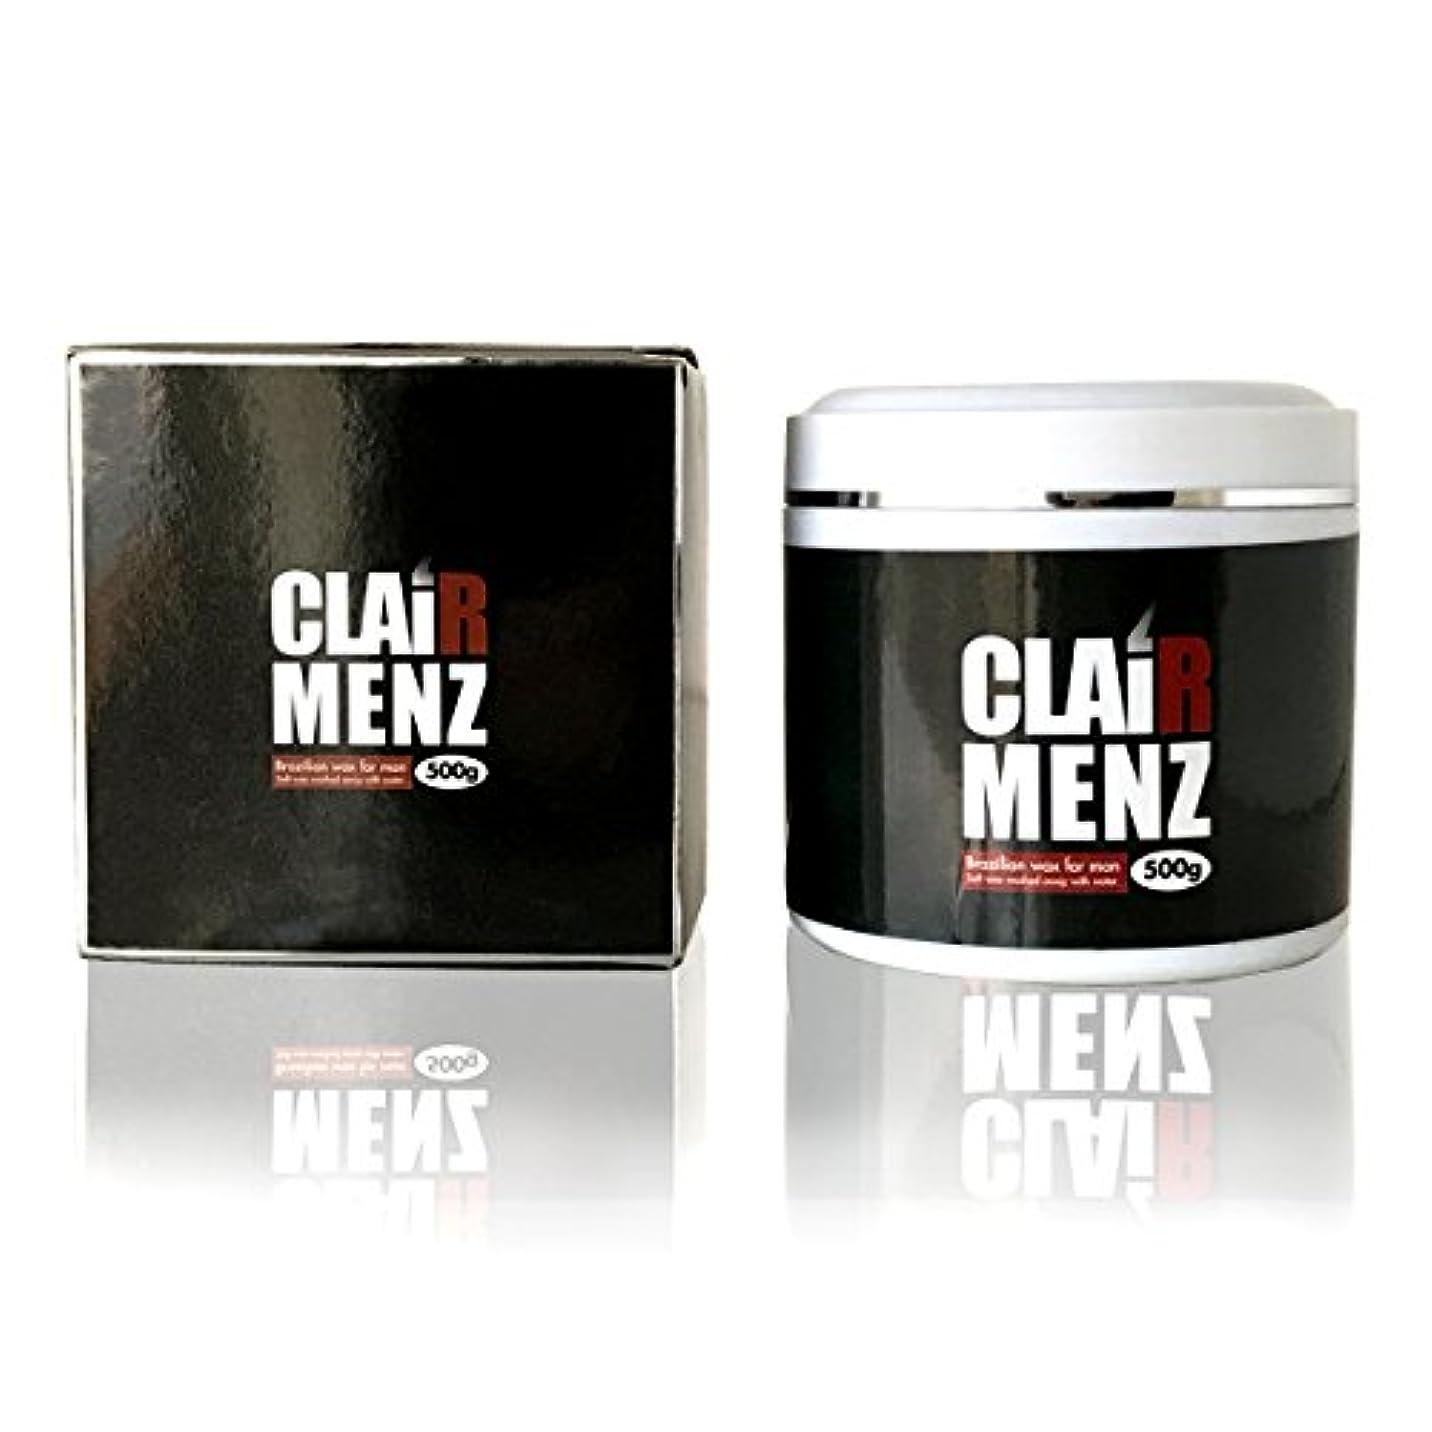 気取らない完全に枯渇するブラジリアンワックス メンズ専用 clair Menz wax 500g(単品) メンズ脱毛専用ラベル 無添加ワックス 脱毛ワックス